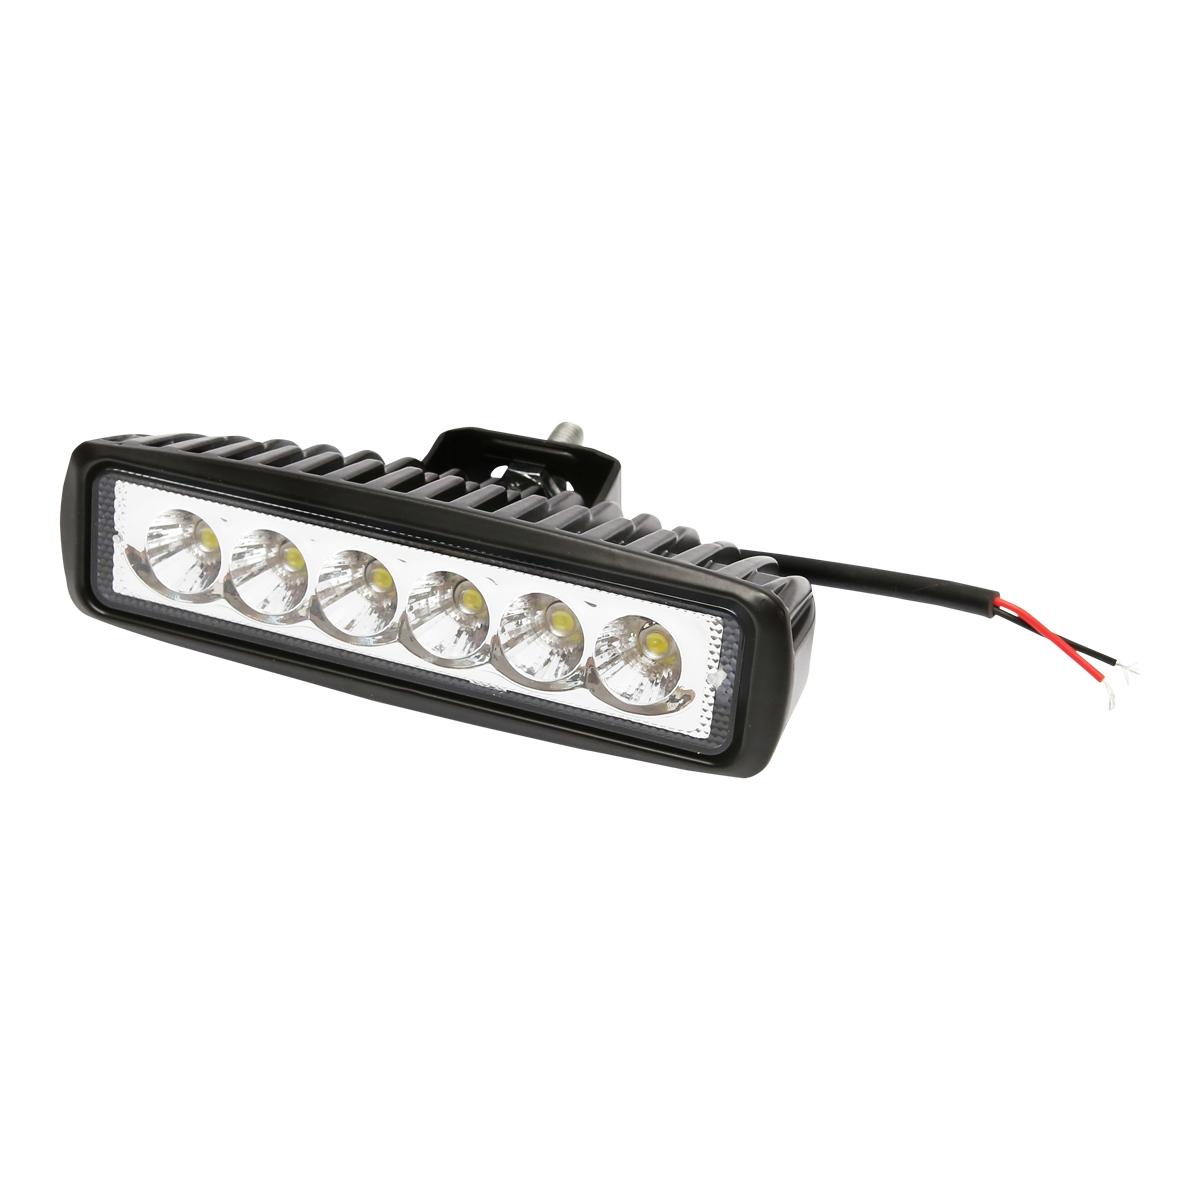 Lampa 6 LED-uri 10-60V 18W unghi de radiere 60 patrat